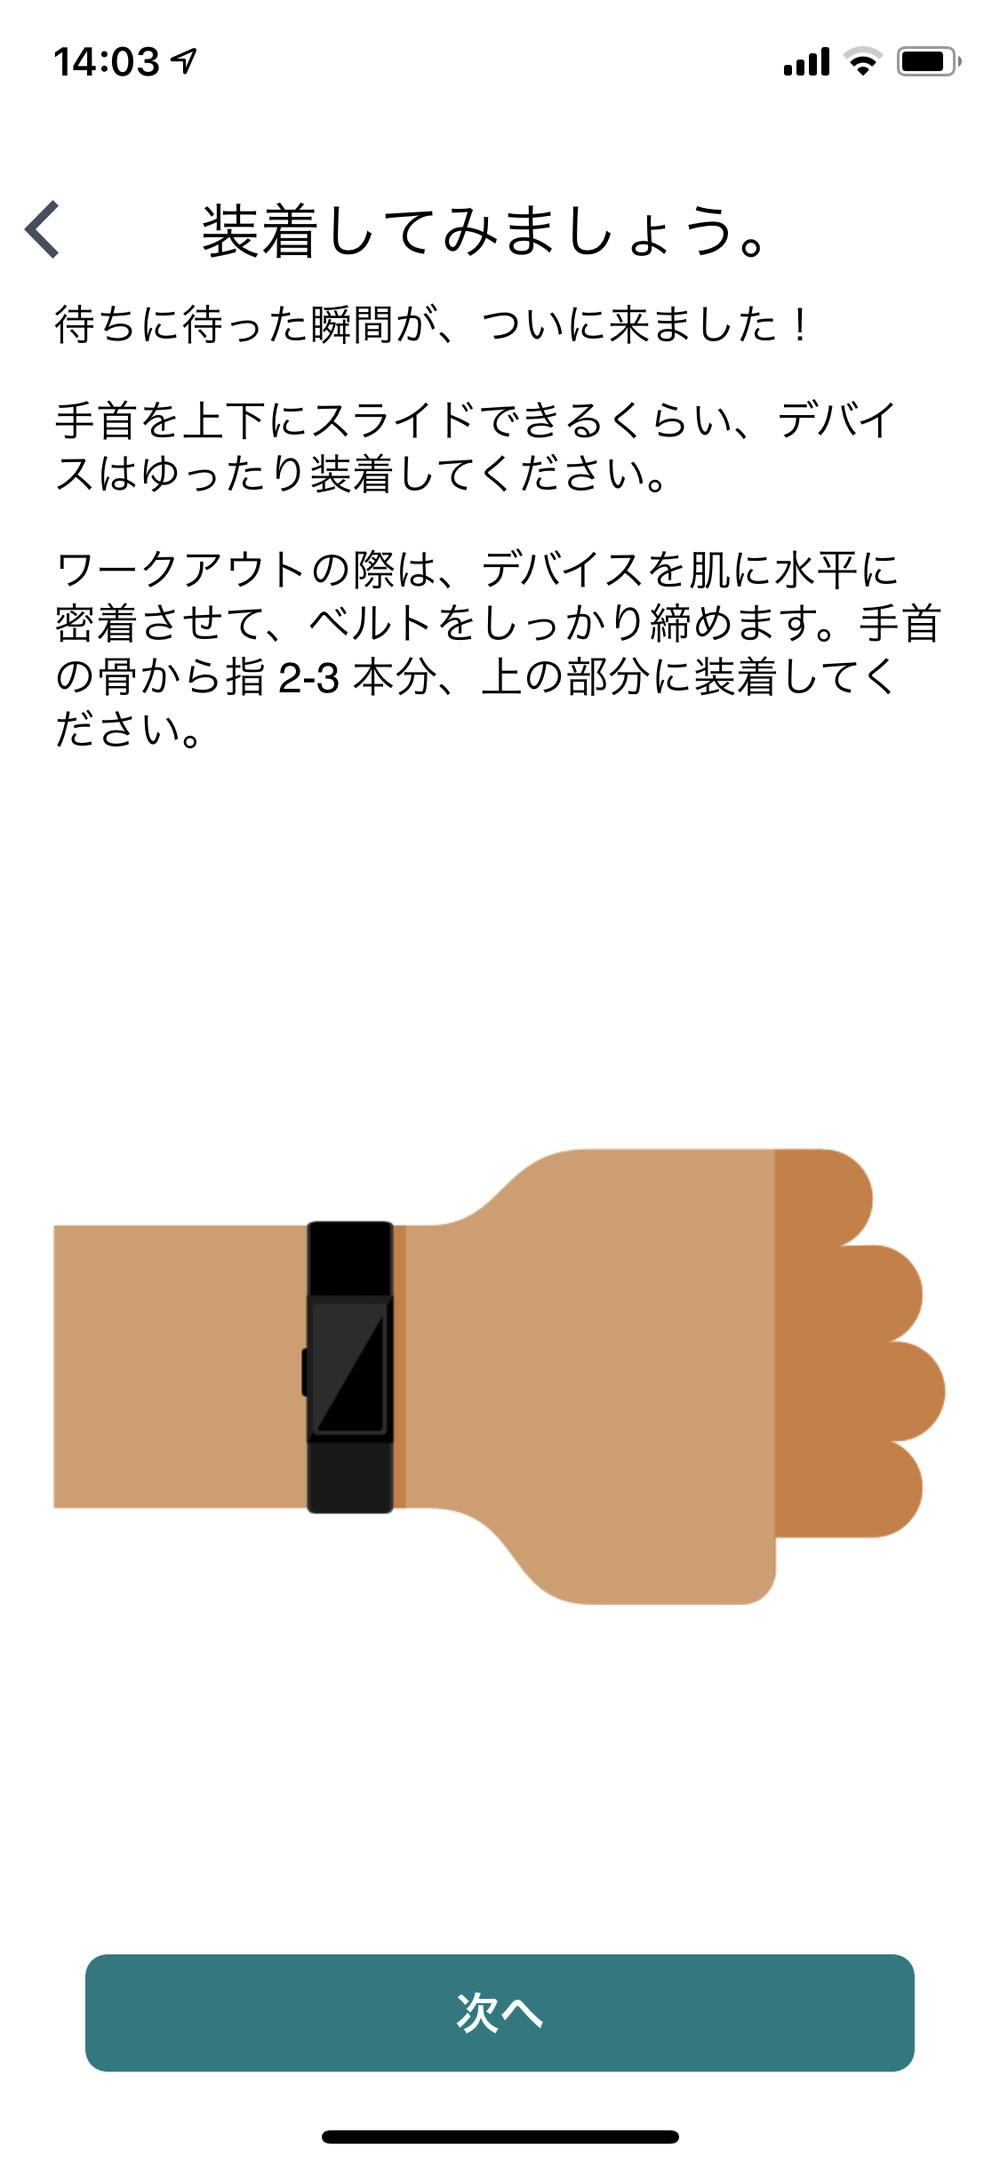 Fitbit 装着案内